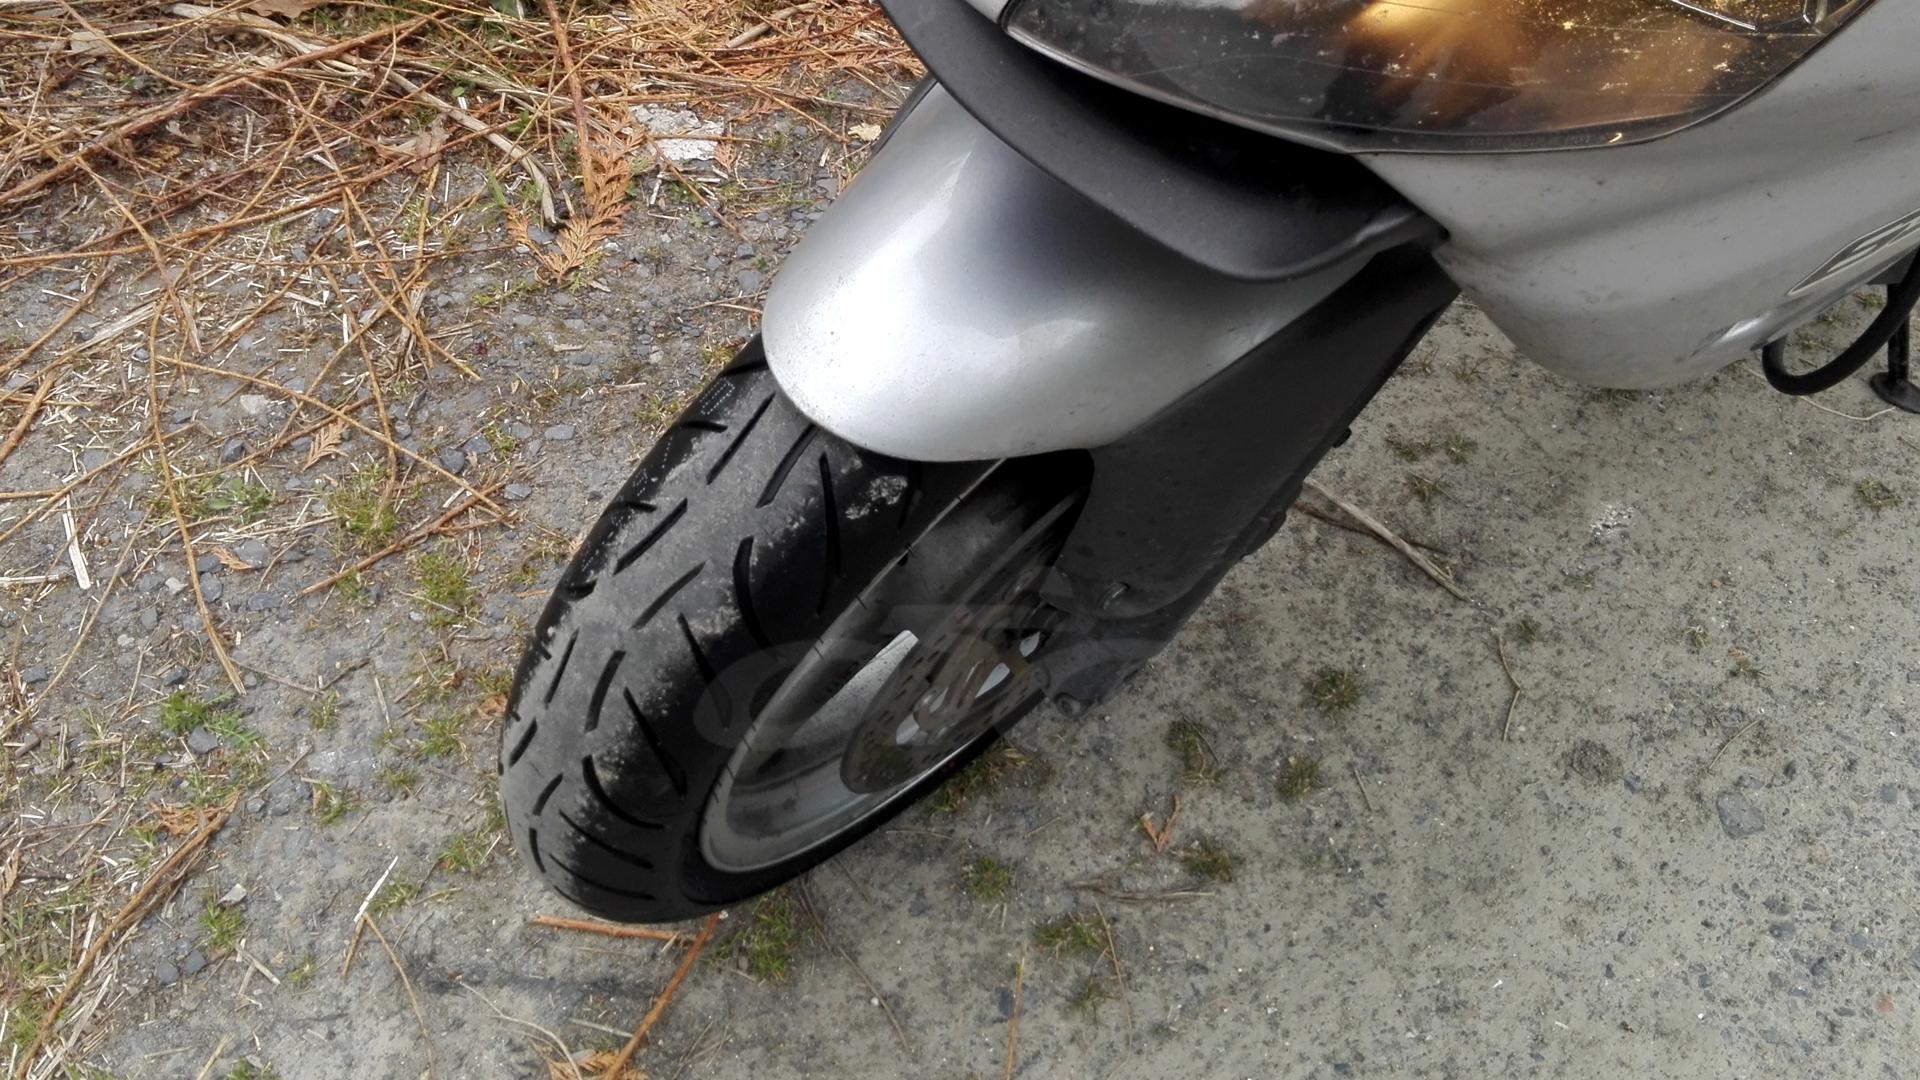 ¡Un neumático Metzeler M7 RR nuevo delante!